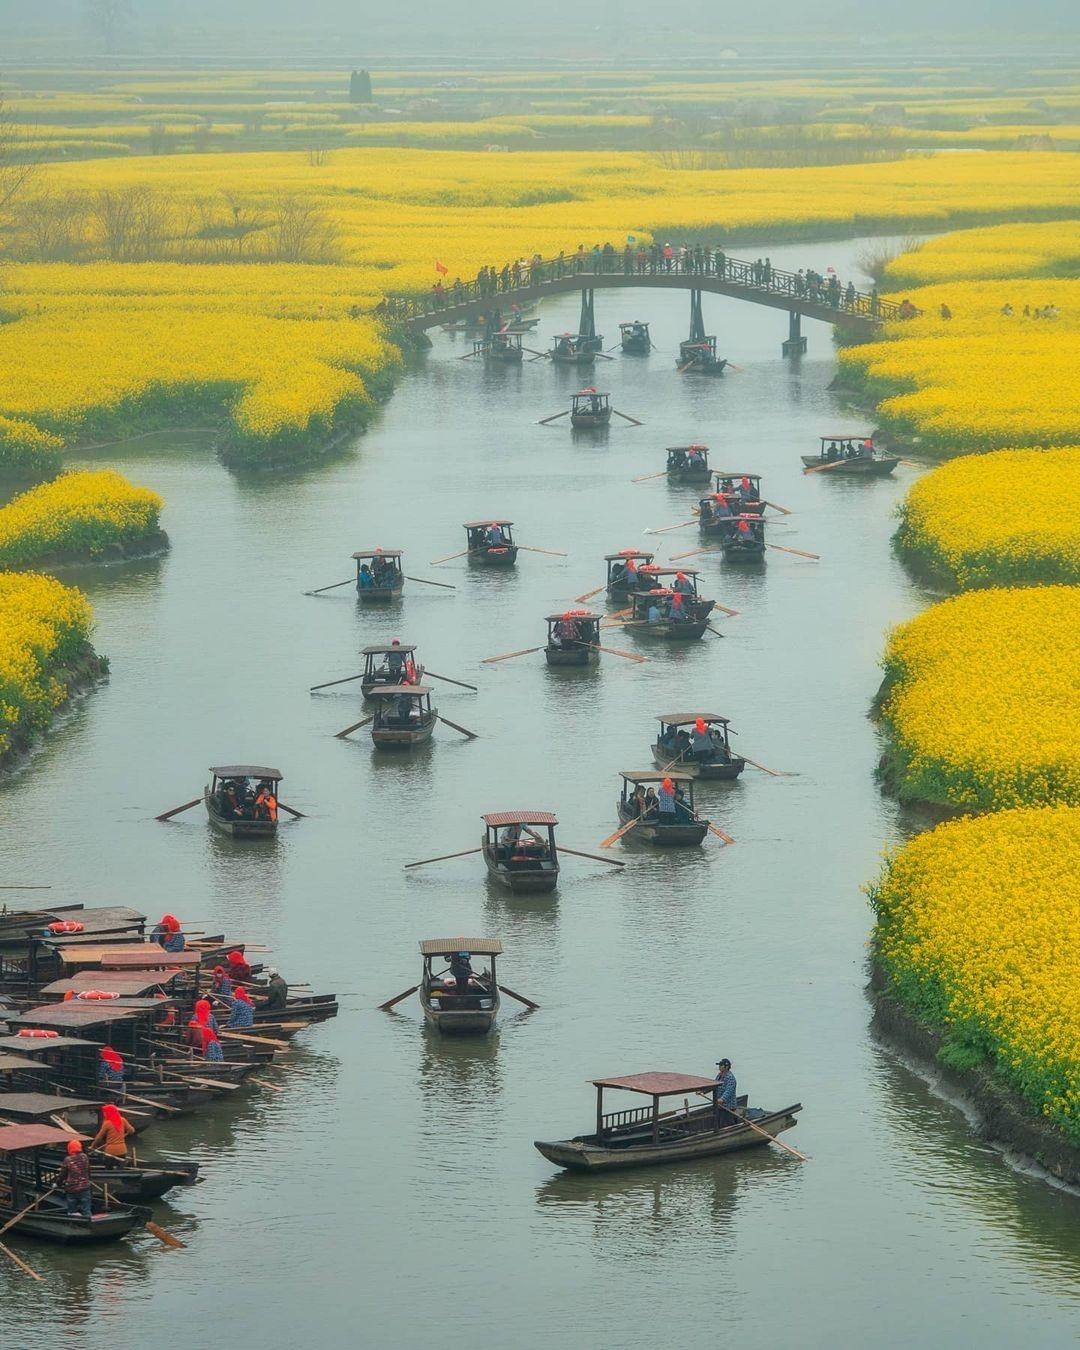 當代中國-中國旅遊-中國文化-江蘇旅遊-花海-中國農業-興化垛田-1